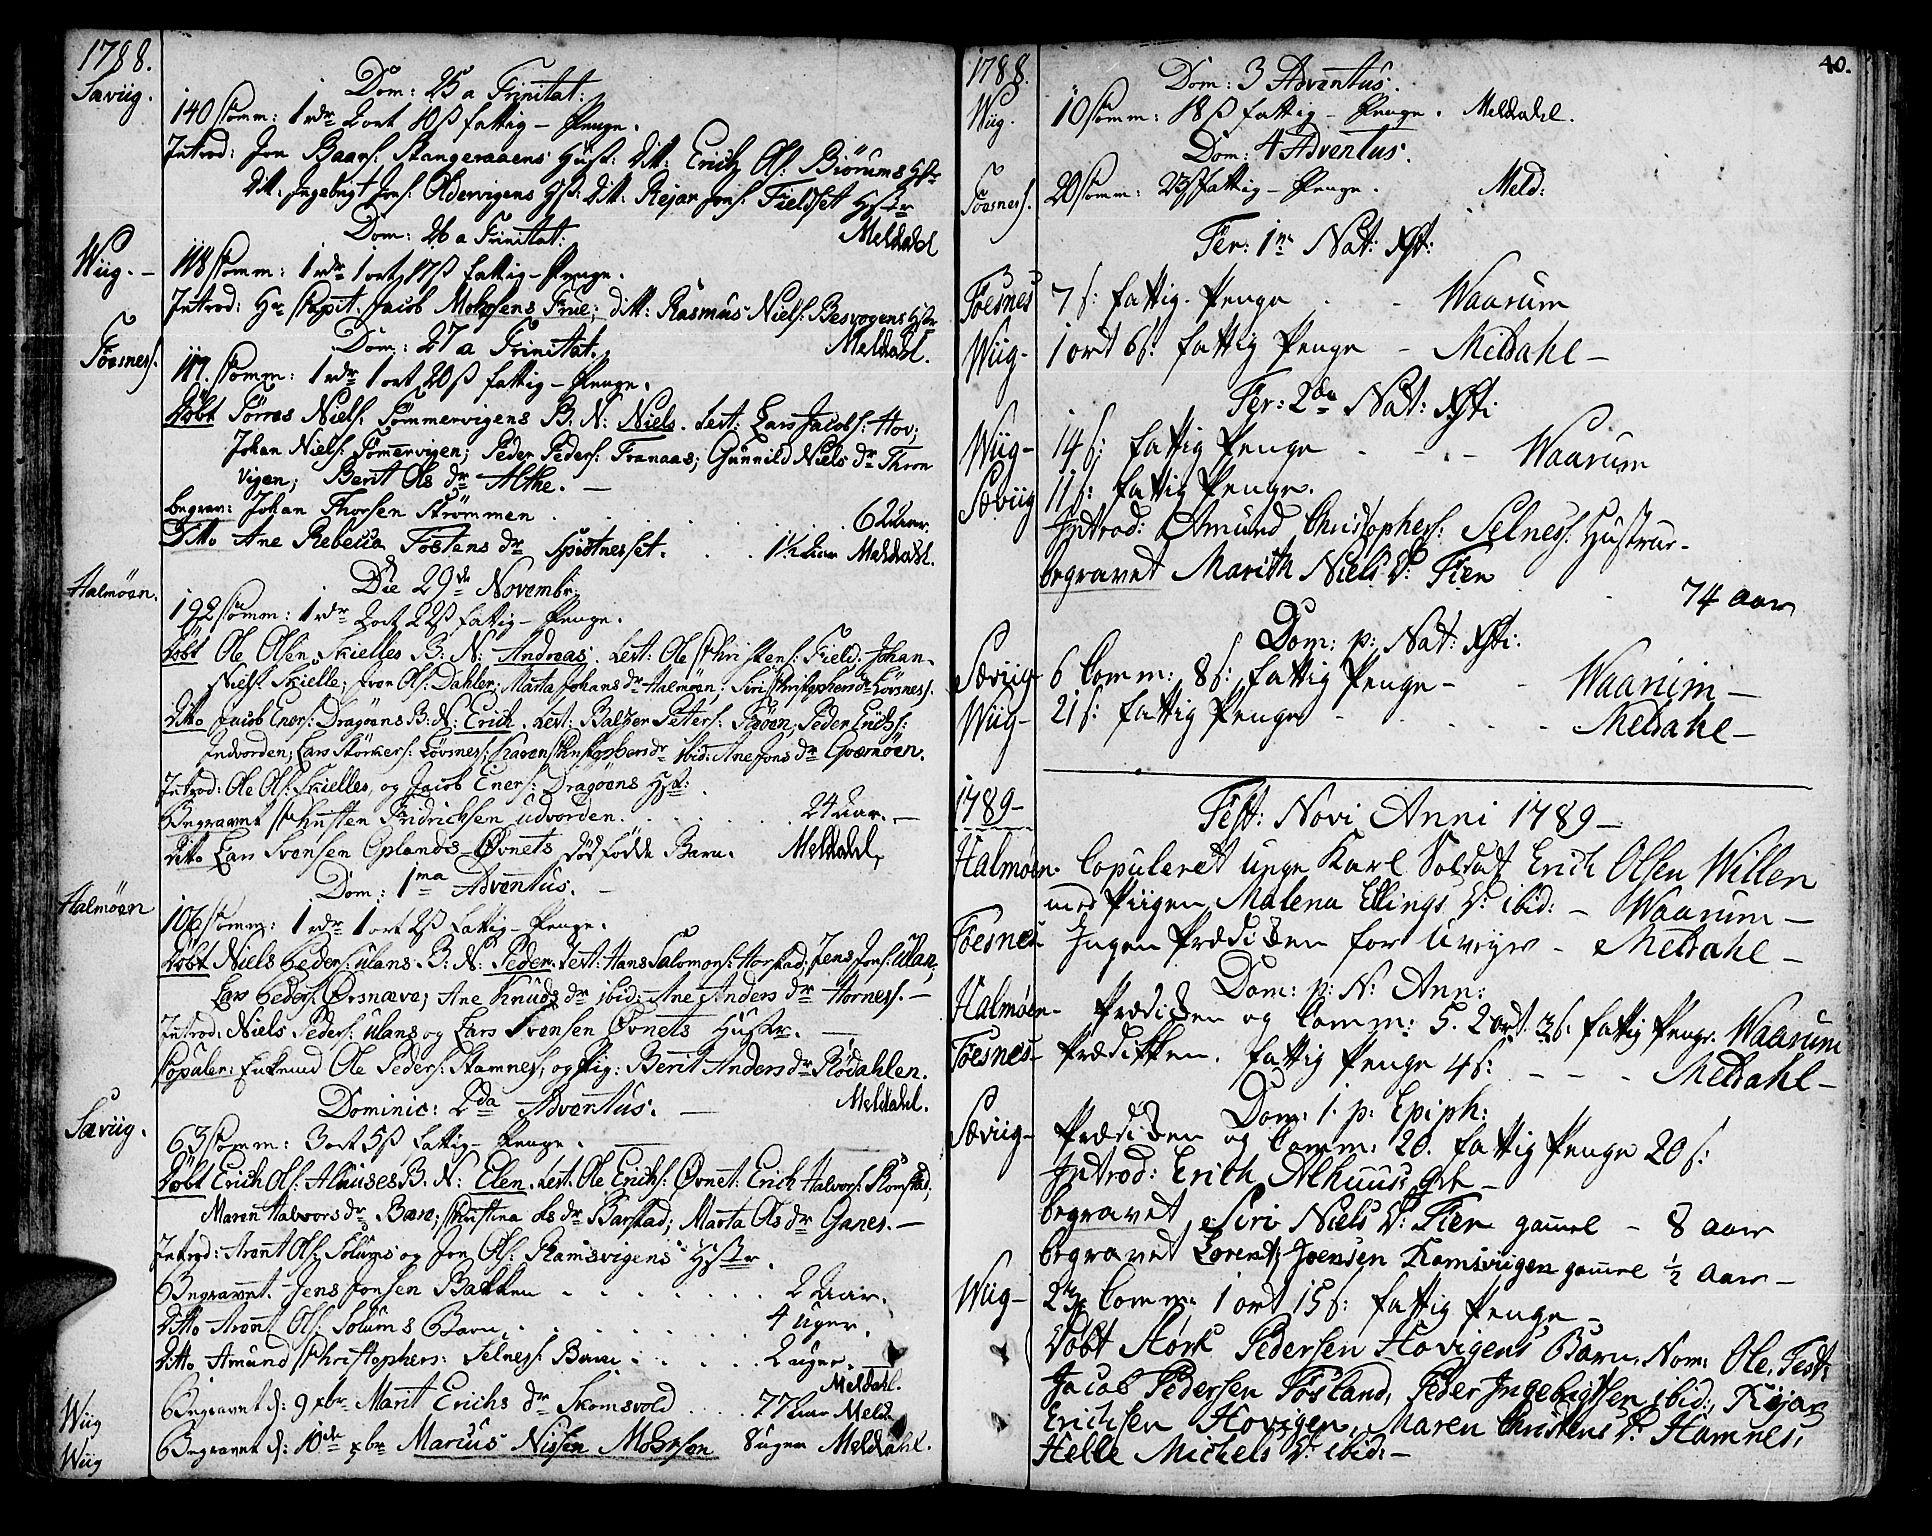 SAT, Ministerialprotokoller, klokkerbøker og fødselsregistre - Nord-Trøndelag, 773/L0608: Ministerialbok nr. 773A02, 1784-1816, s. 40